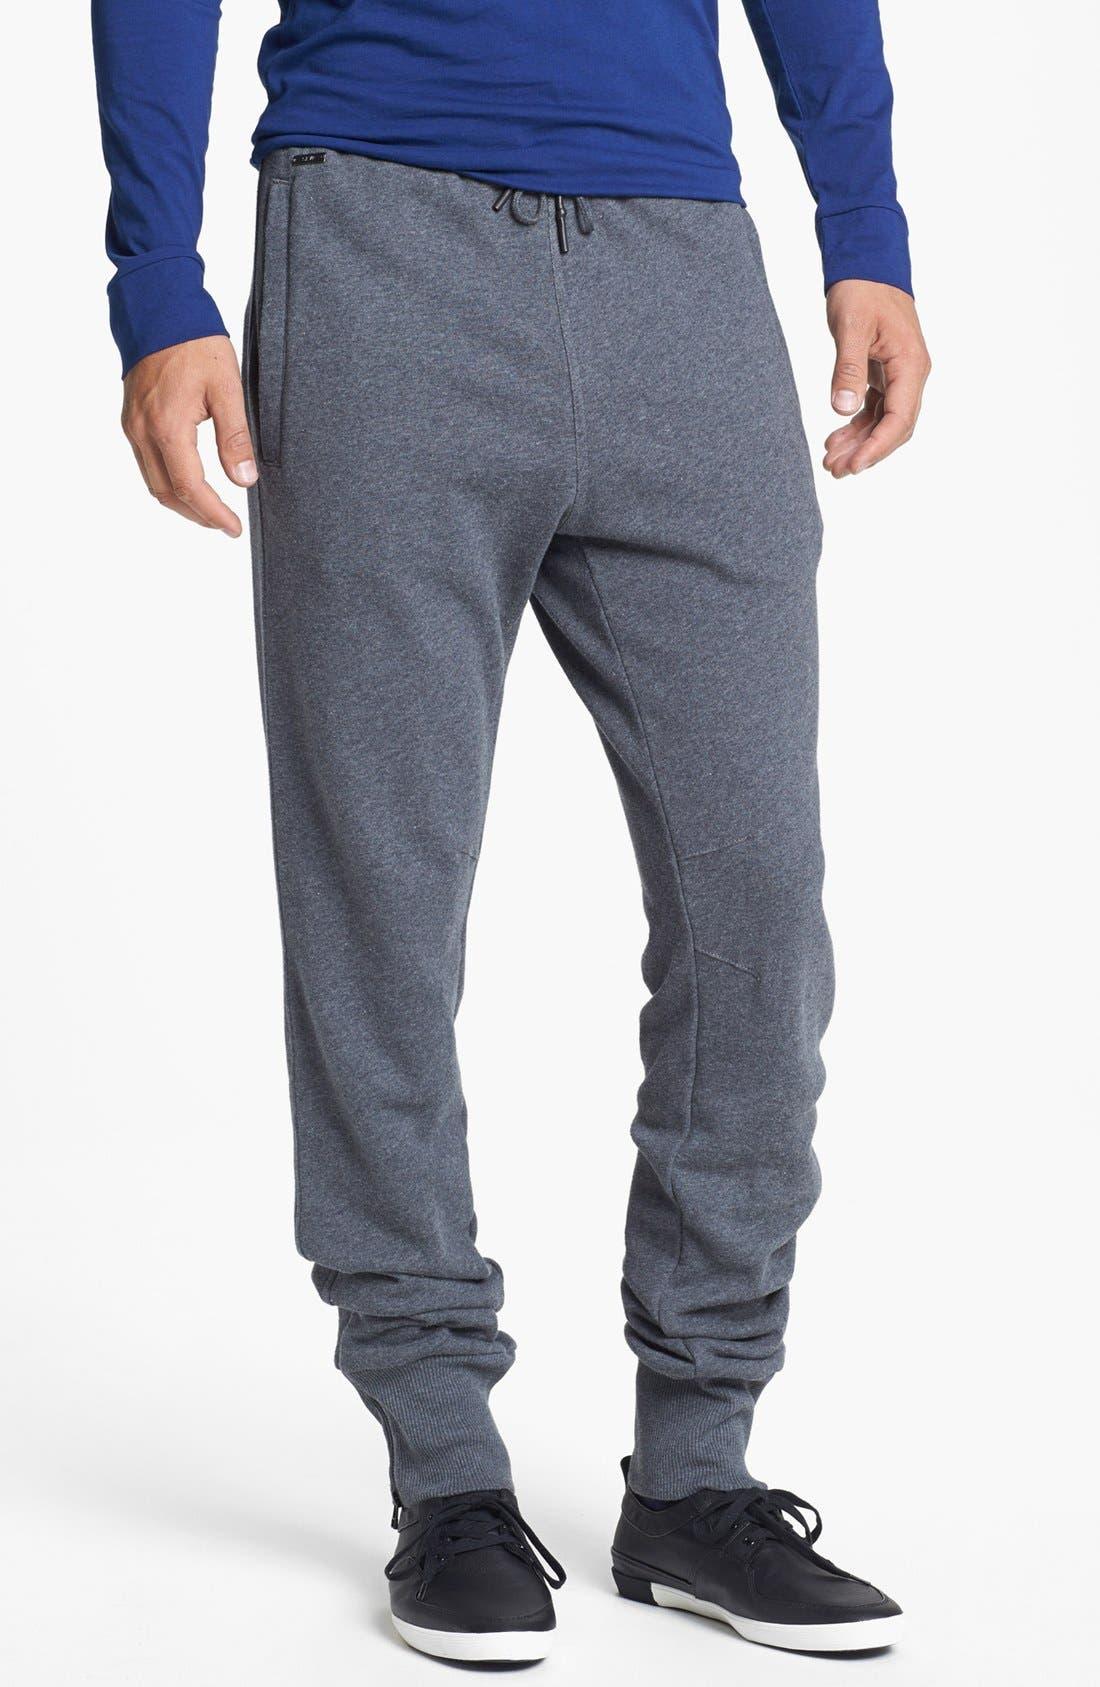 Alternate Image 1 Selected - adidas SLVR Slim Fit Pants